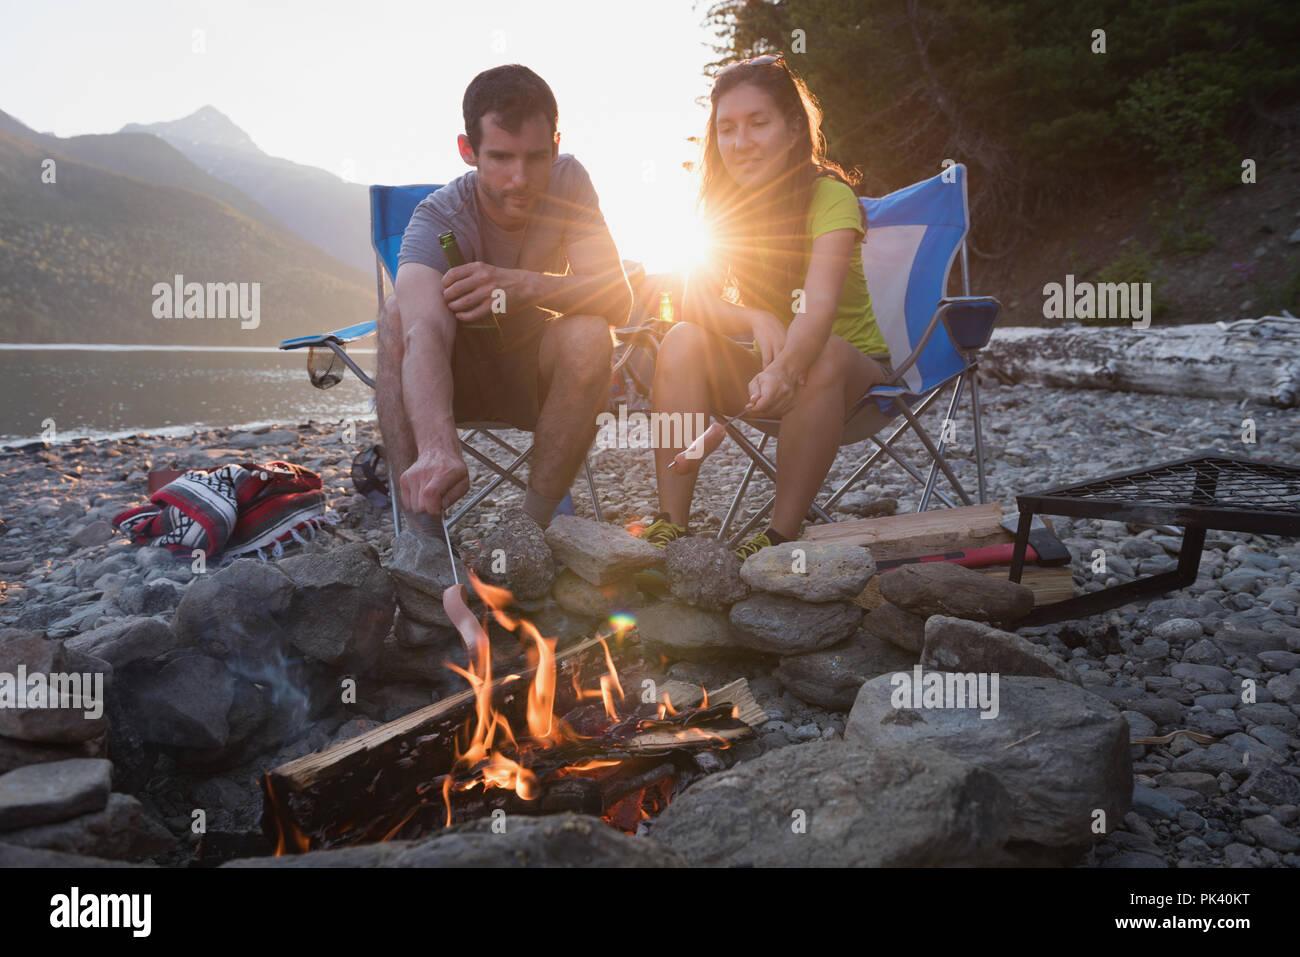 Couple roasting hot dog on campfire - Stock Image